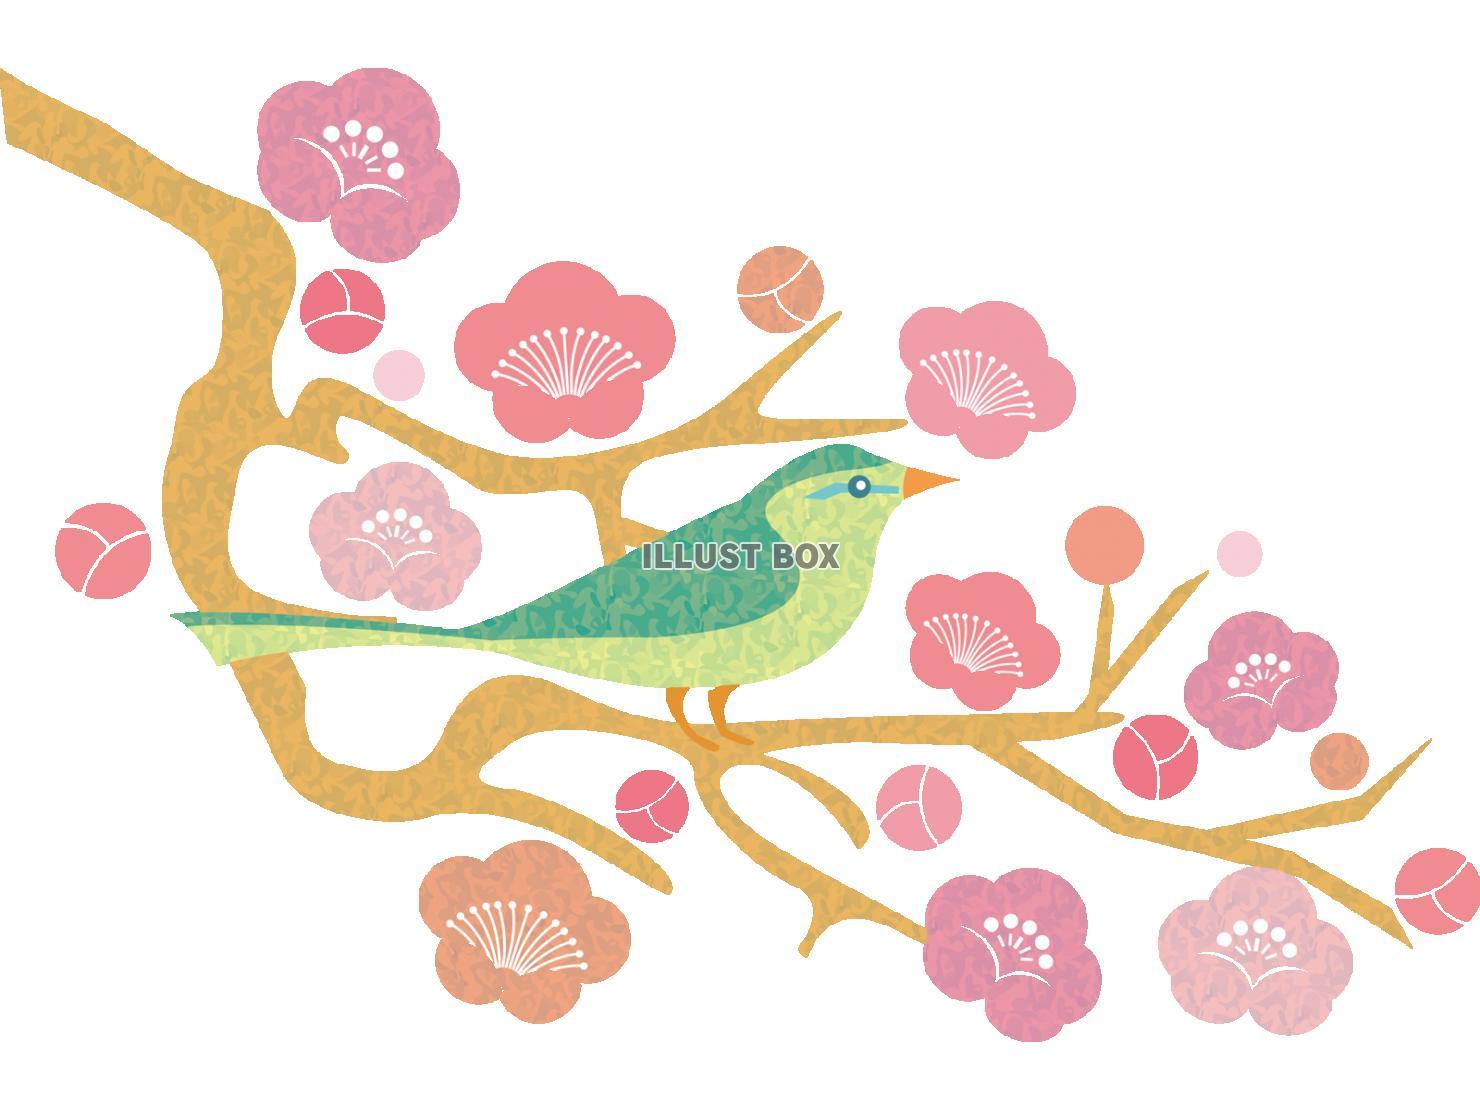 無料イラスト 和風梅花と鳥鶯の動物イラスト 1月2月3月頃の植物 透過pn